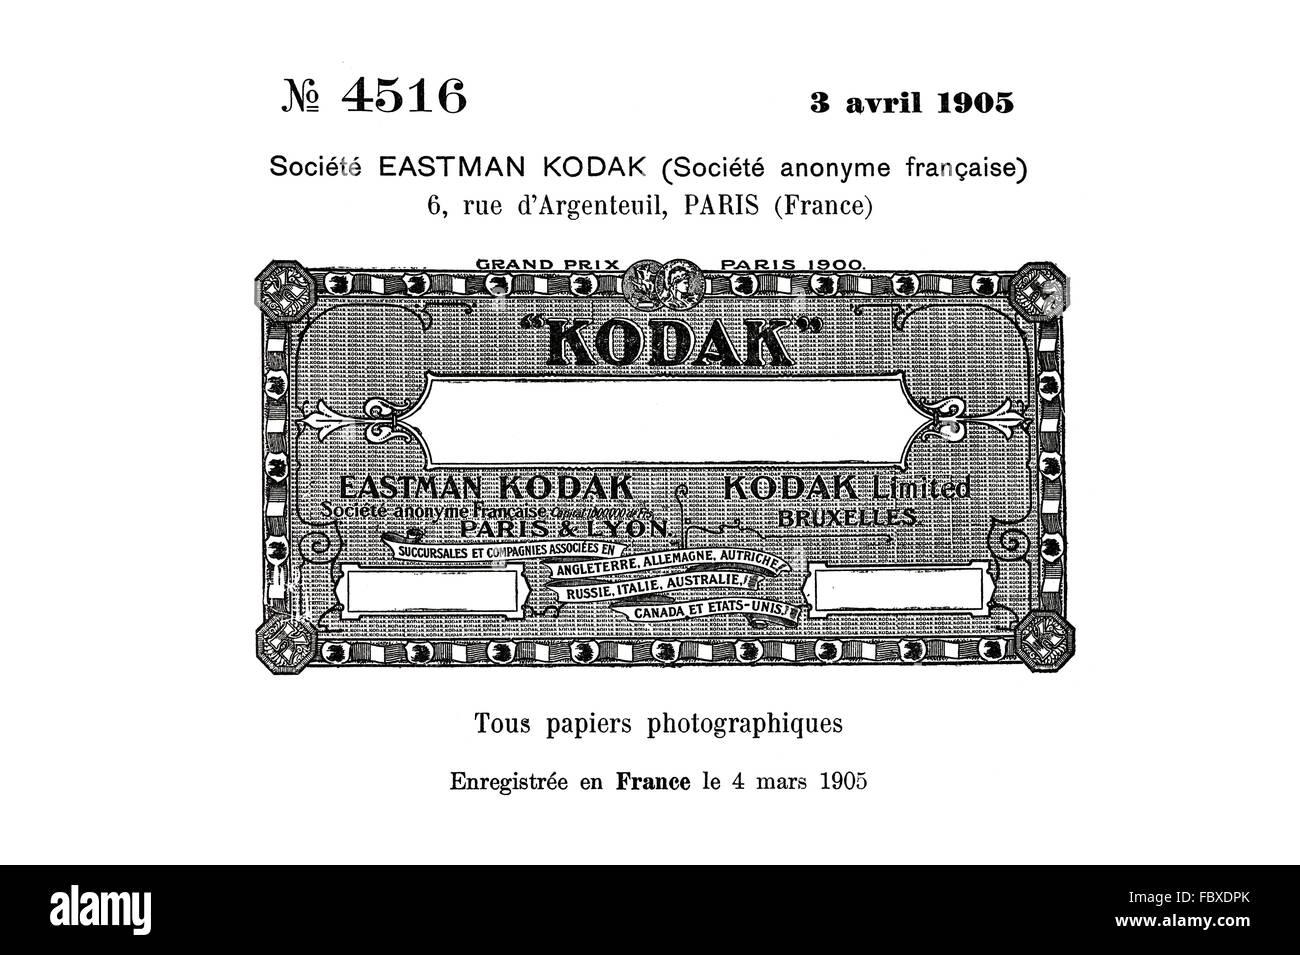 Marque historique pour les papiers photo Kodak, Eastman Kodak 1905 Photo Stock